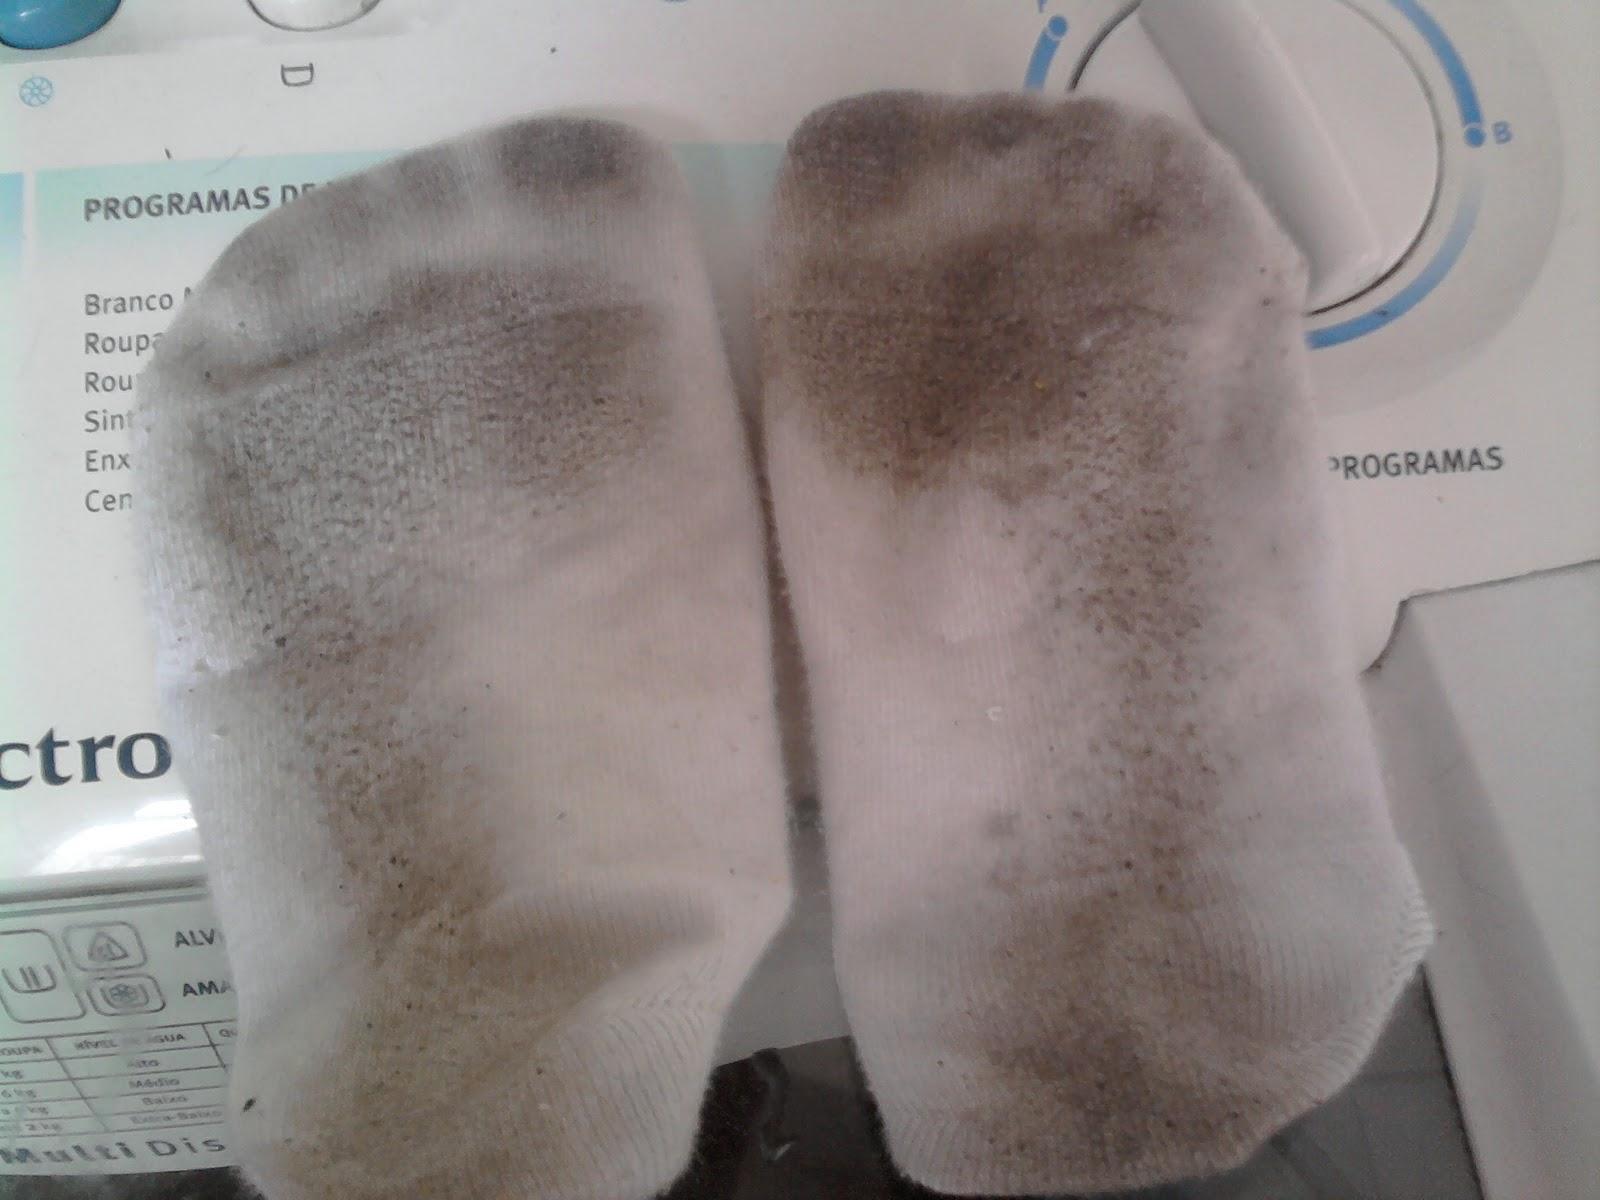 Meus pezinhos tirando minha sandalia de salto alto - 2 part 5